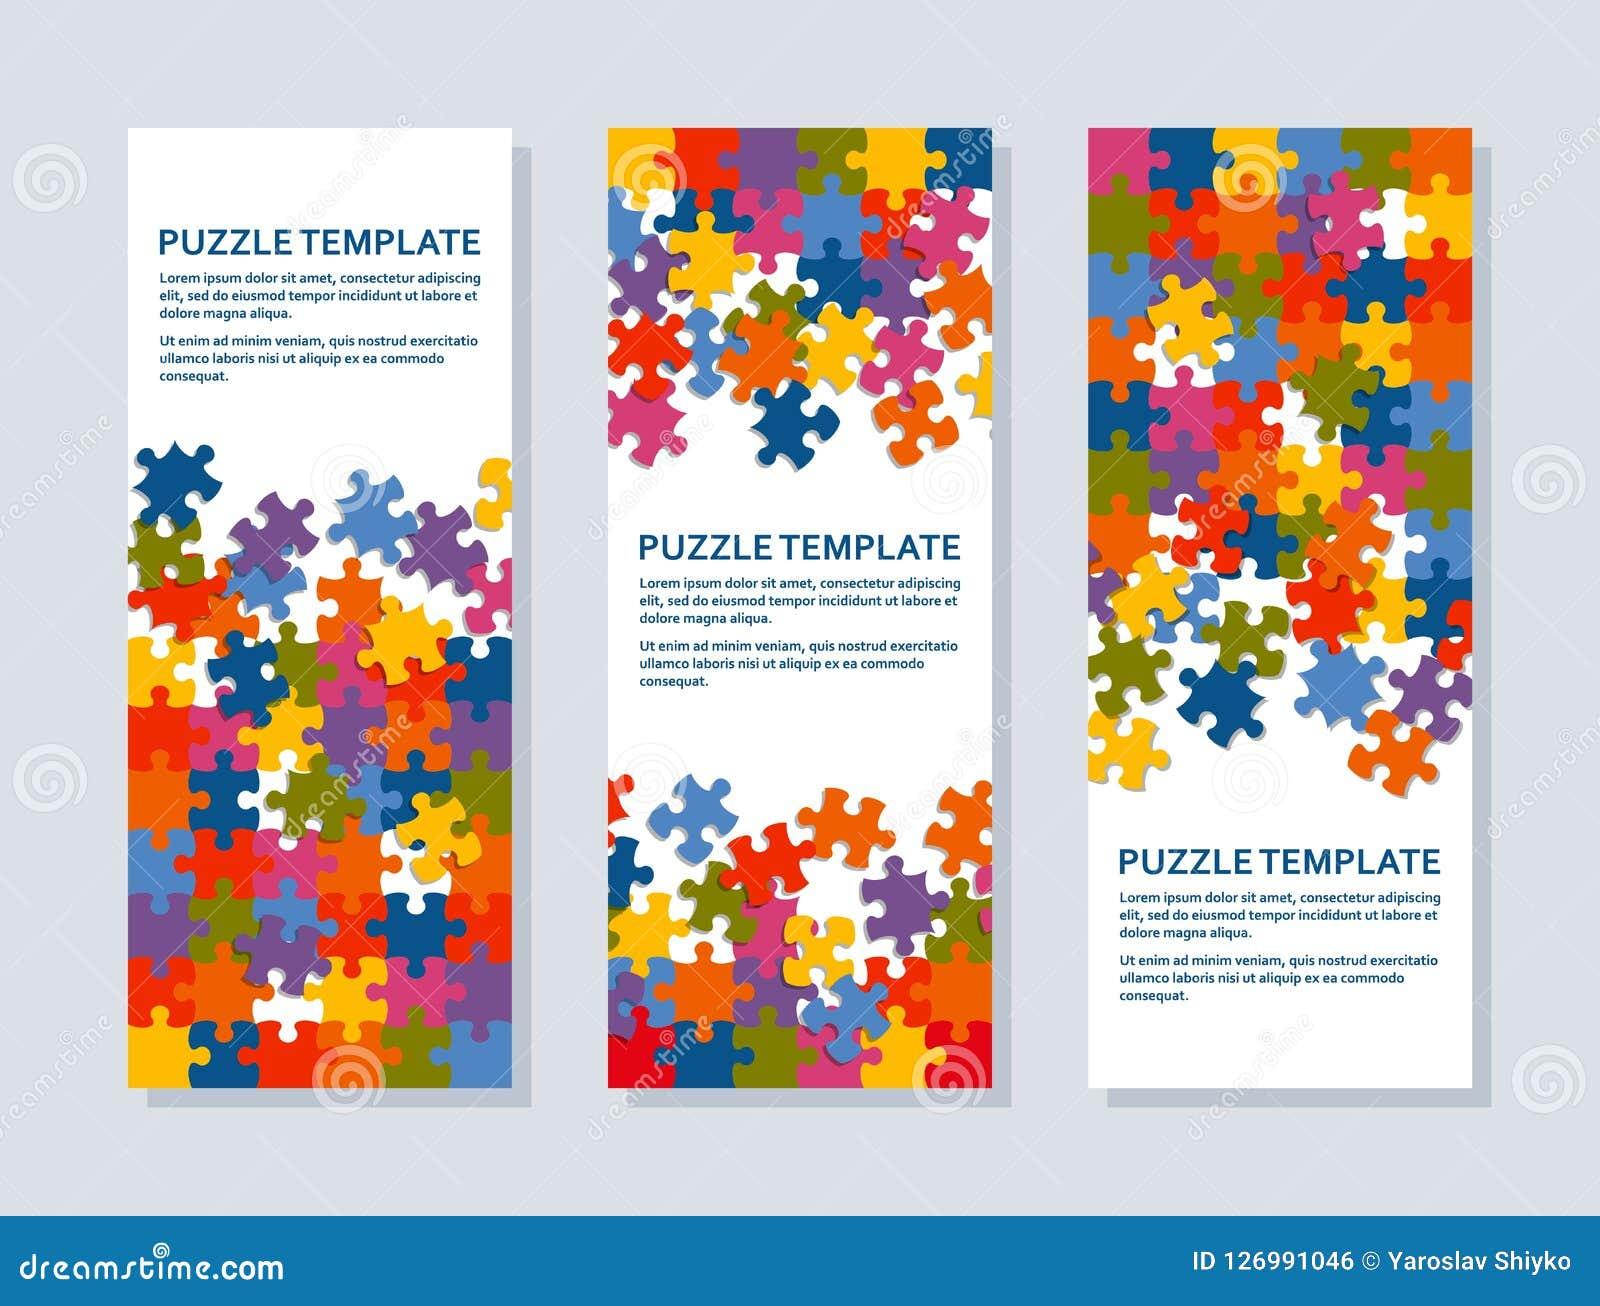 Fondo del rompecabezas con muchos pedazos coloridos Plantilla abstracta del mosaico